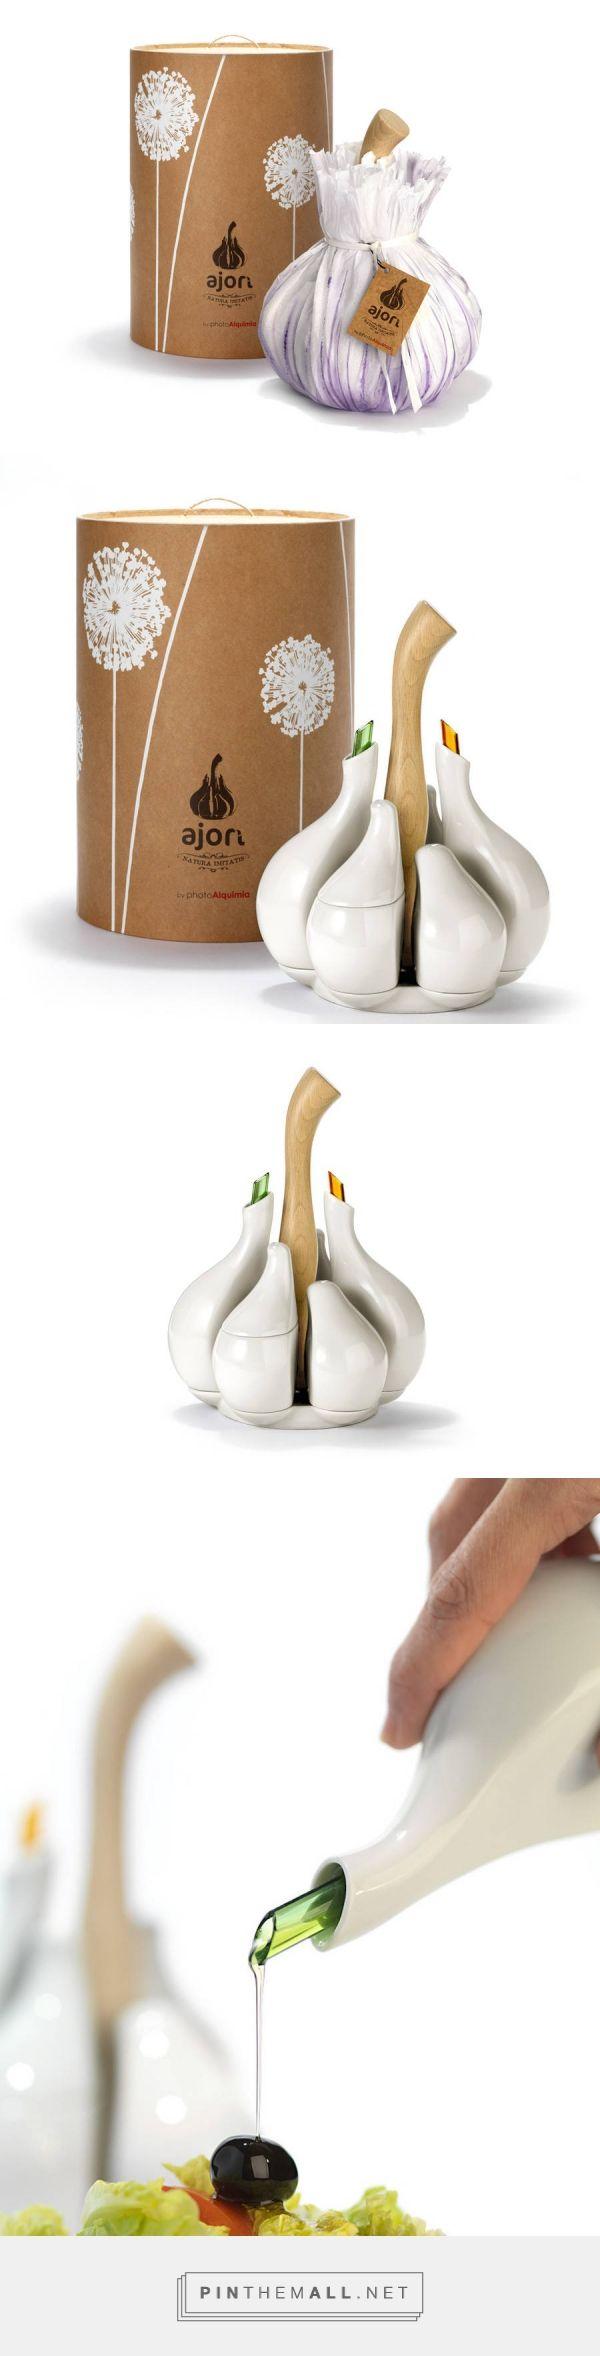 Ajori – galheteiro inspirado em uma cabeça de alho | DESIGN on the ROCKS